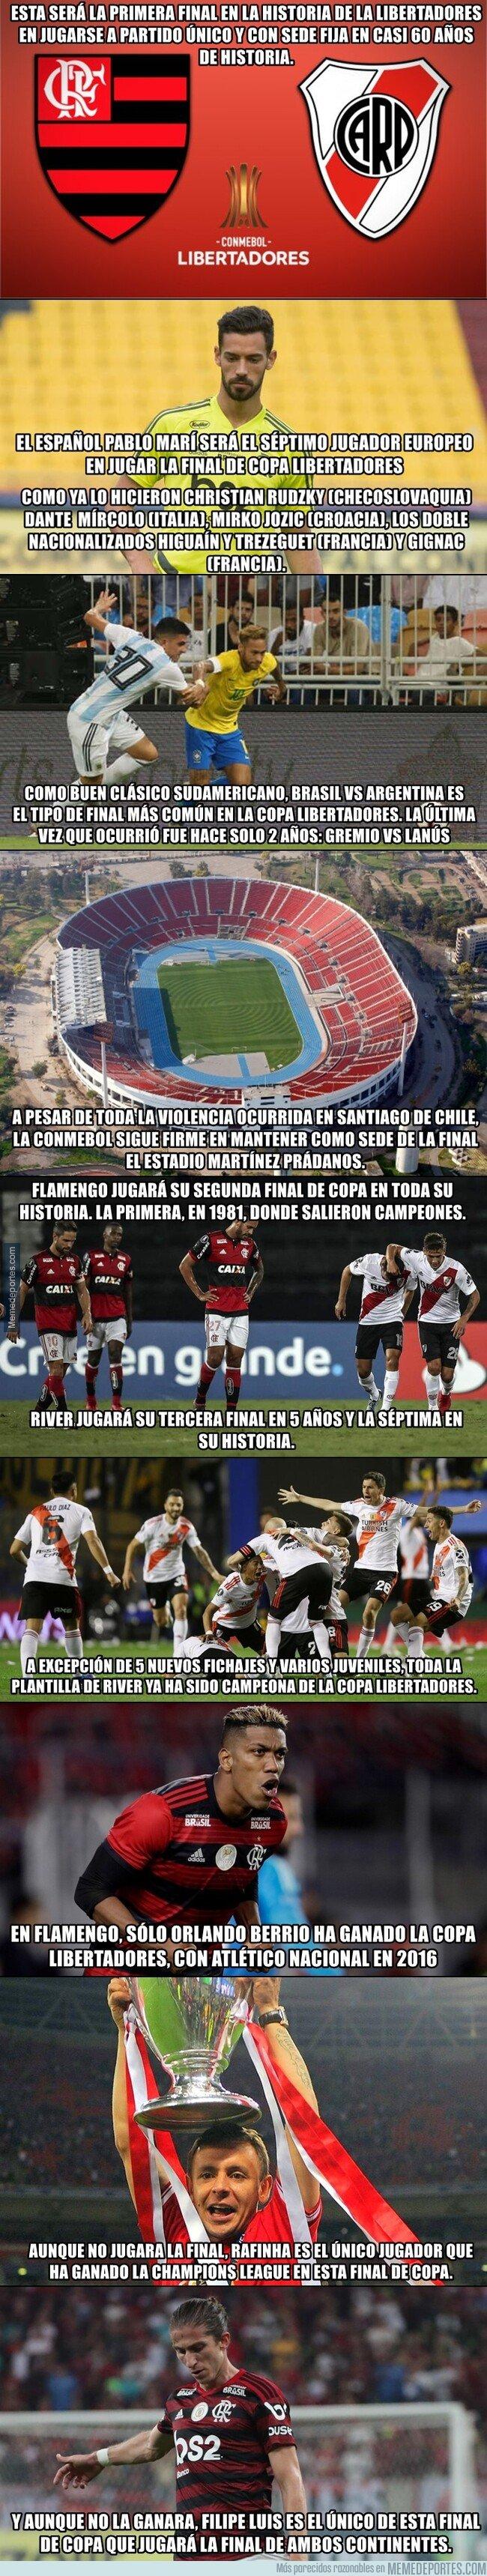 1089281 - Nueve datos para esta nueva final de Copa Libertadores entre River Plate y Flamengo